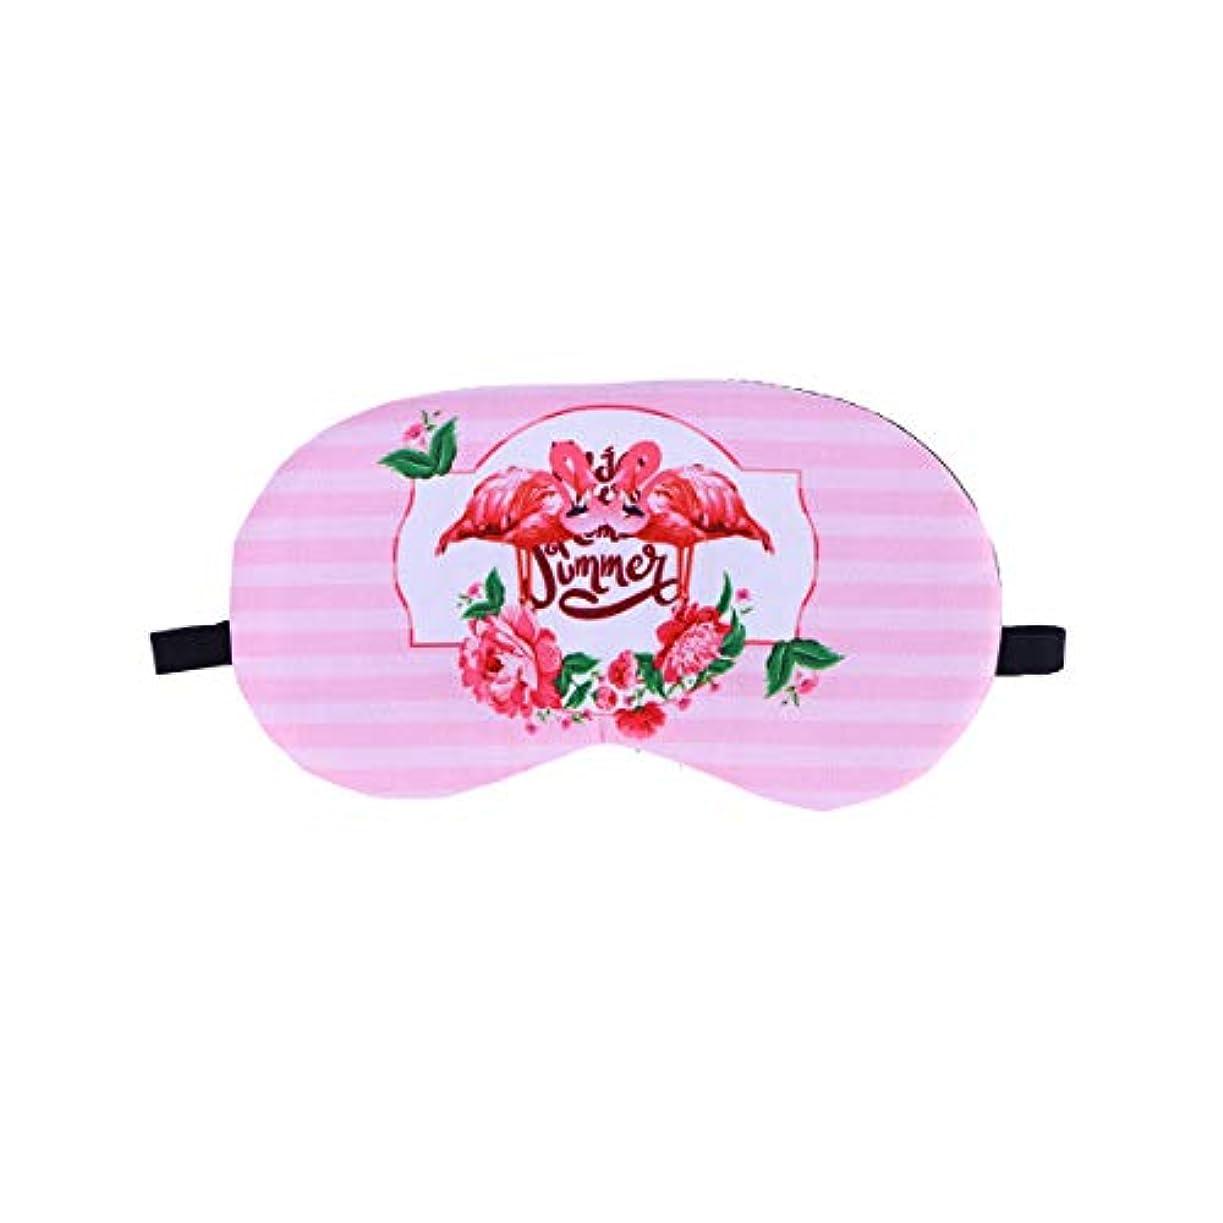 使用法決めます嫌いSUPVOX フラミンゴアイマスク動物睡眠トラベリング目隠しアイカバー(ピンク)